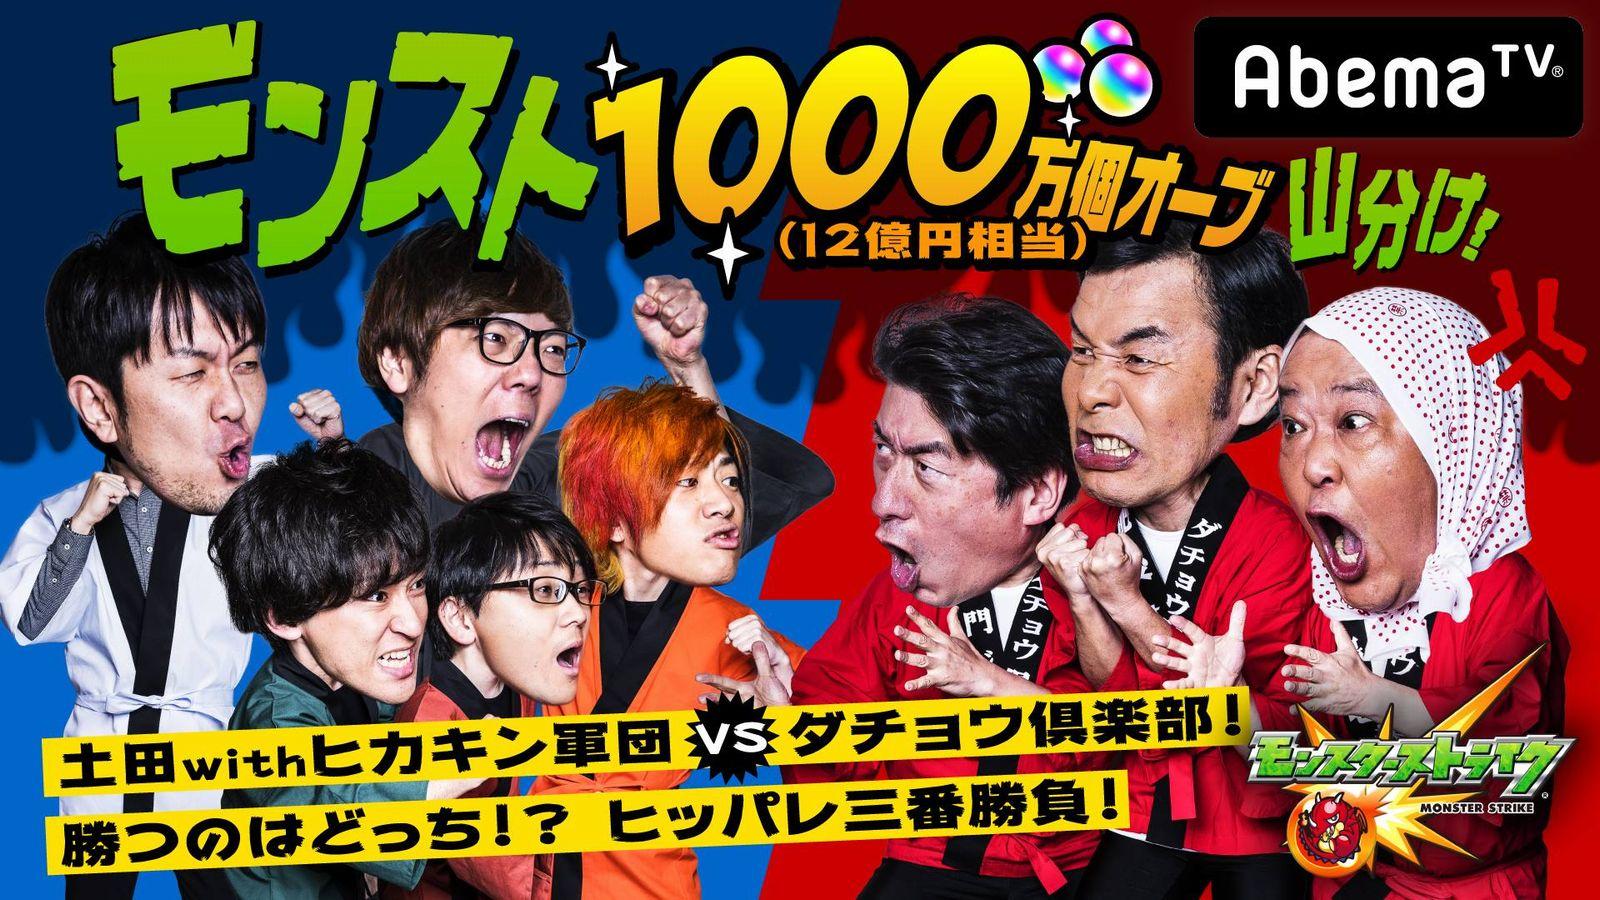 「AbemaTV」がゲーム専門チャンネルを開設!記念に『モンスターストライク』特別番組を放映!